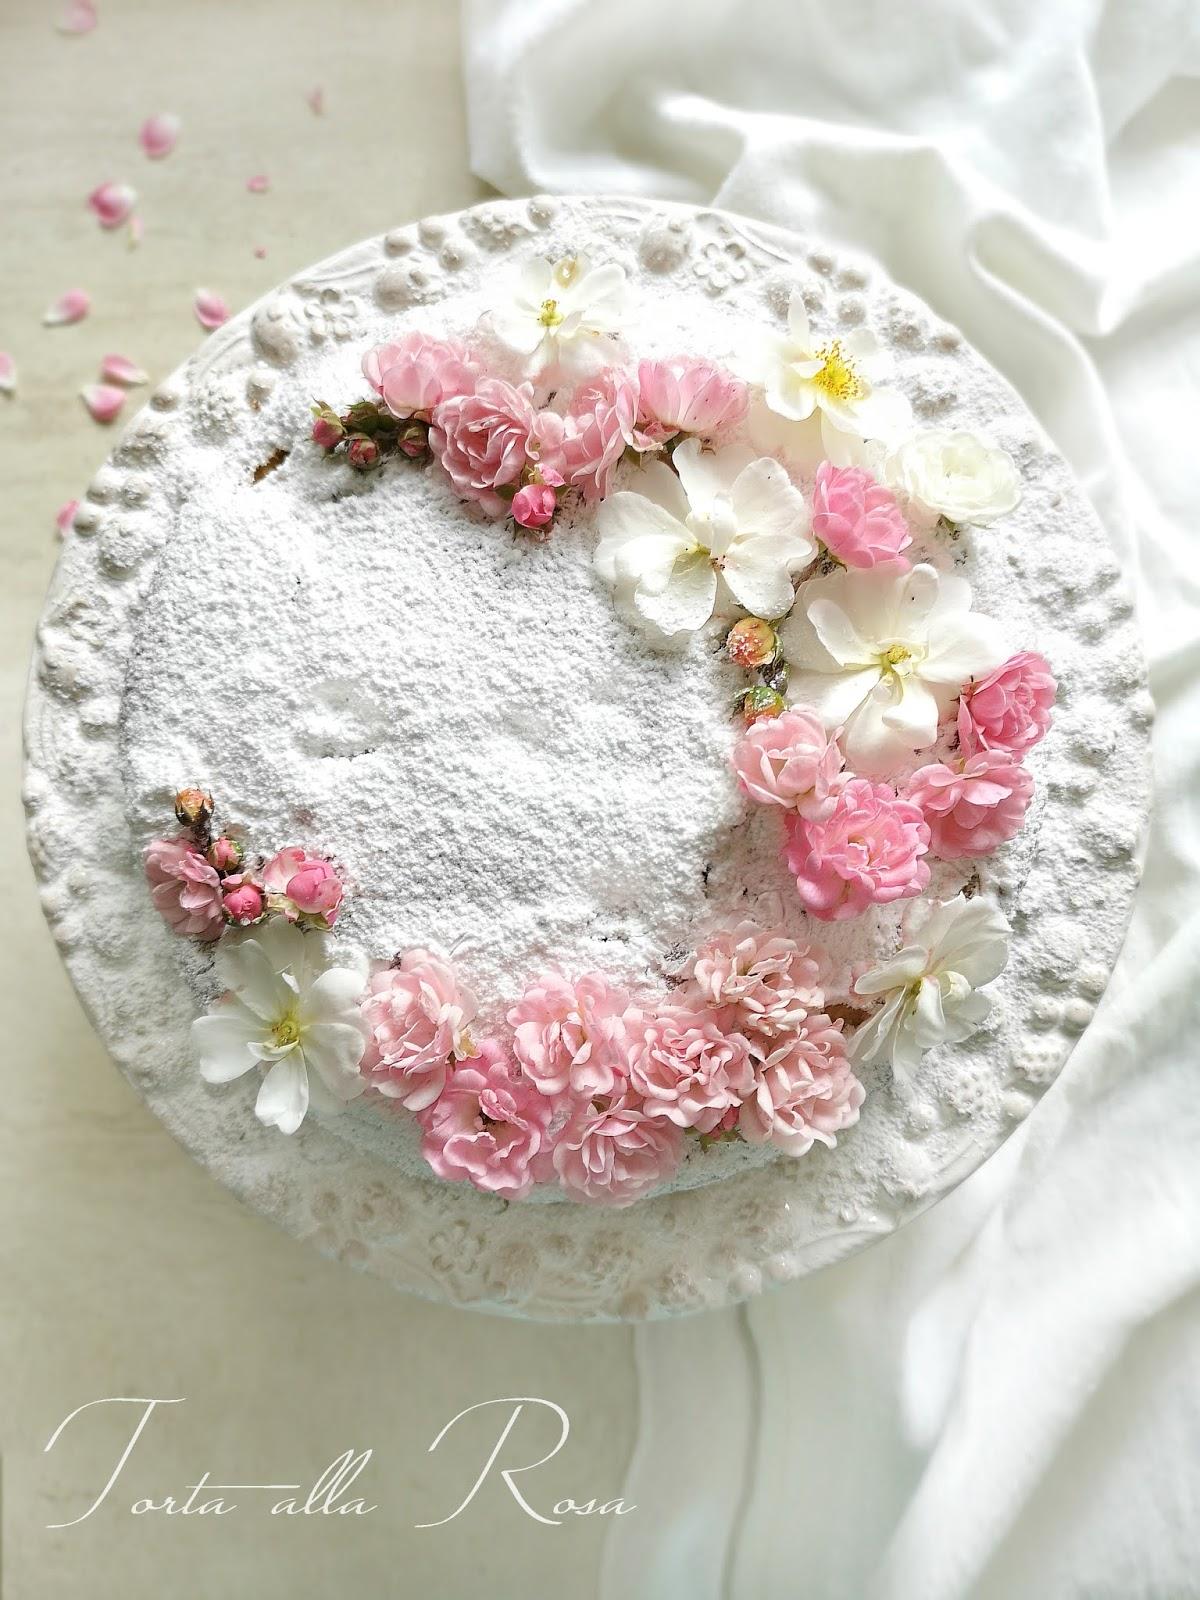 torta alla rosa